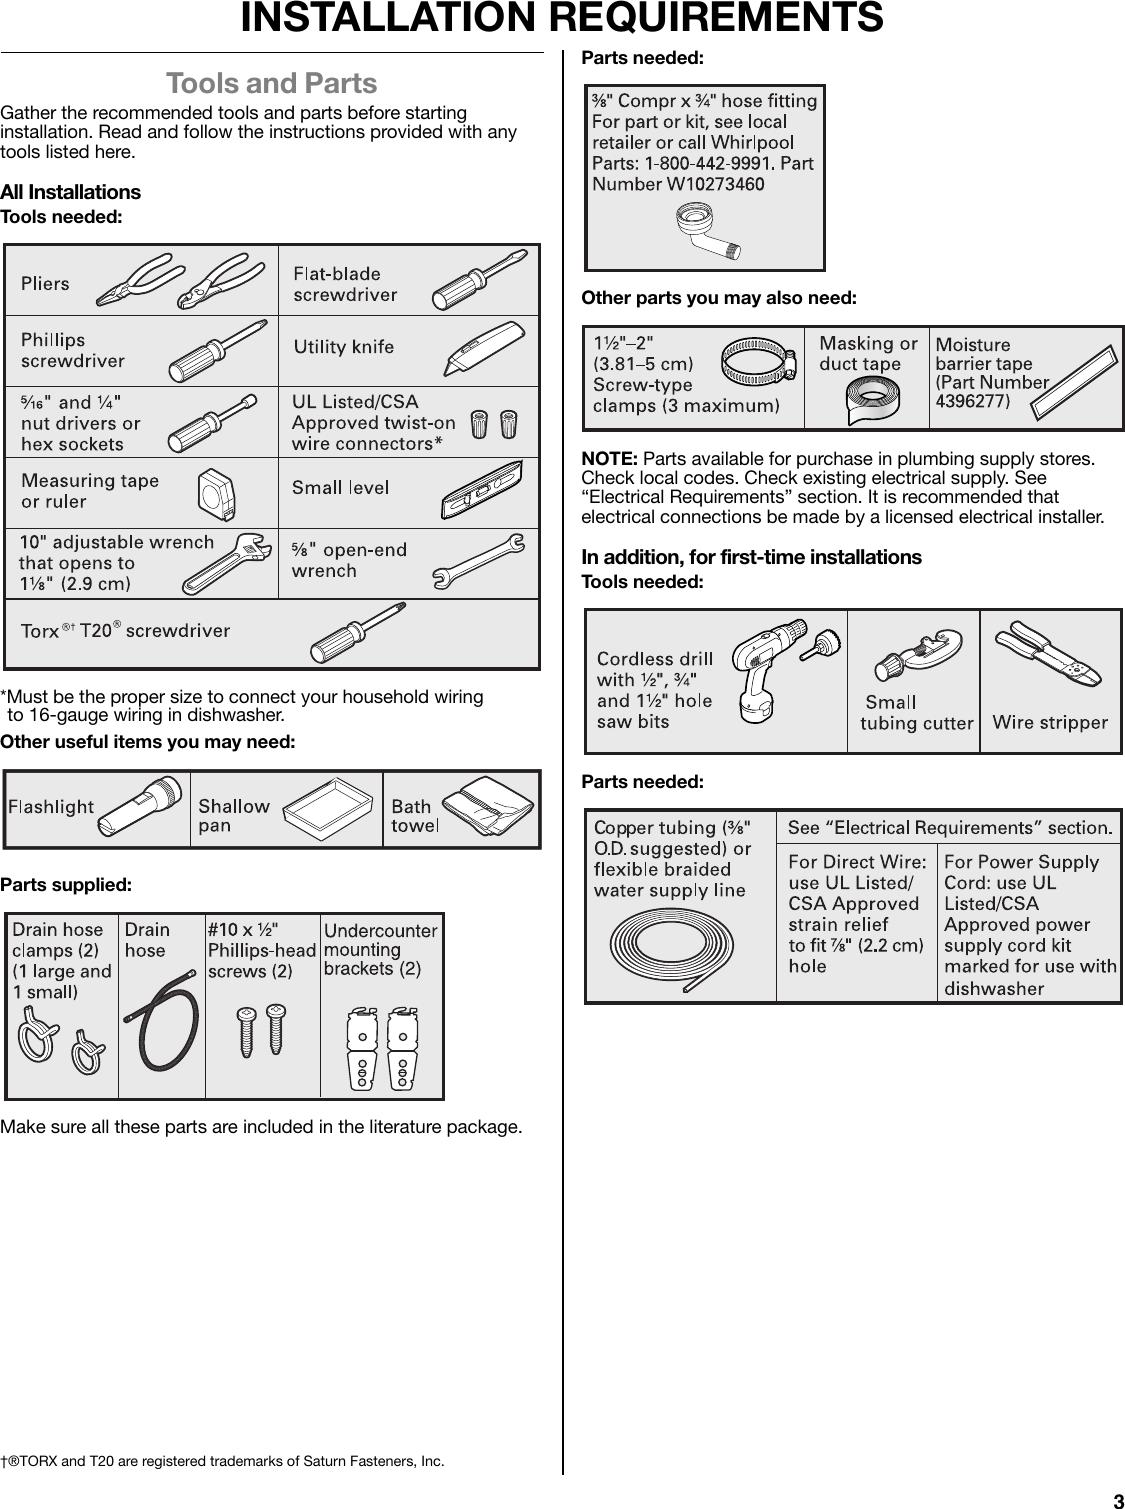 Amazing Maytag Dishwasher Wiring Diagram Photo - Wiring Schematics ...